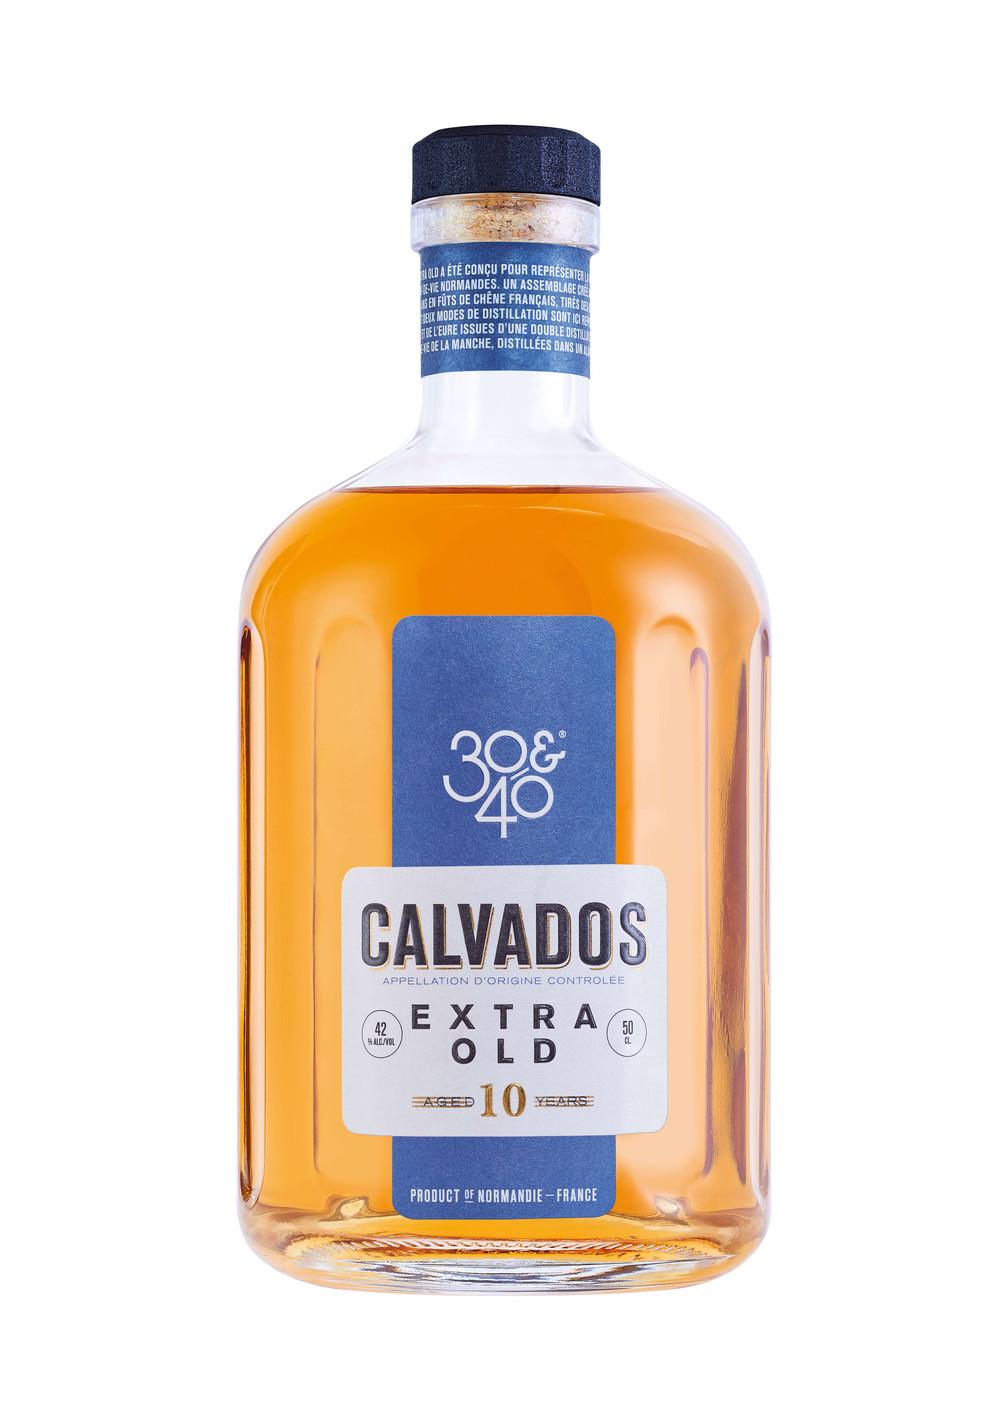 Calvados Extra Old - © 30&40